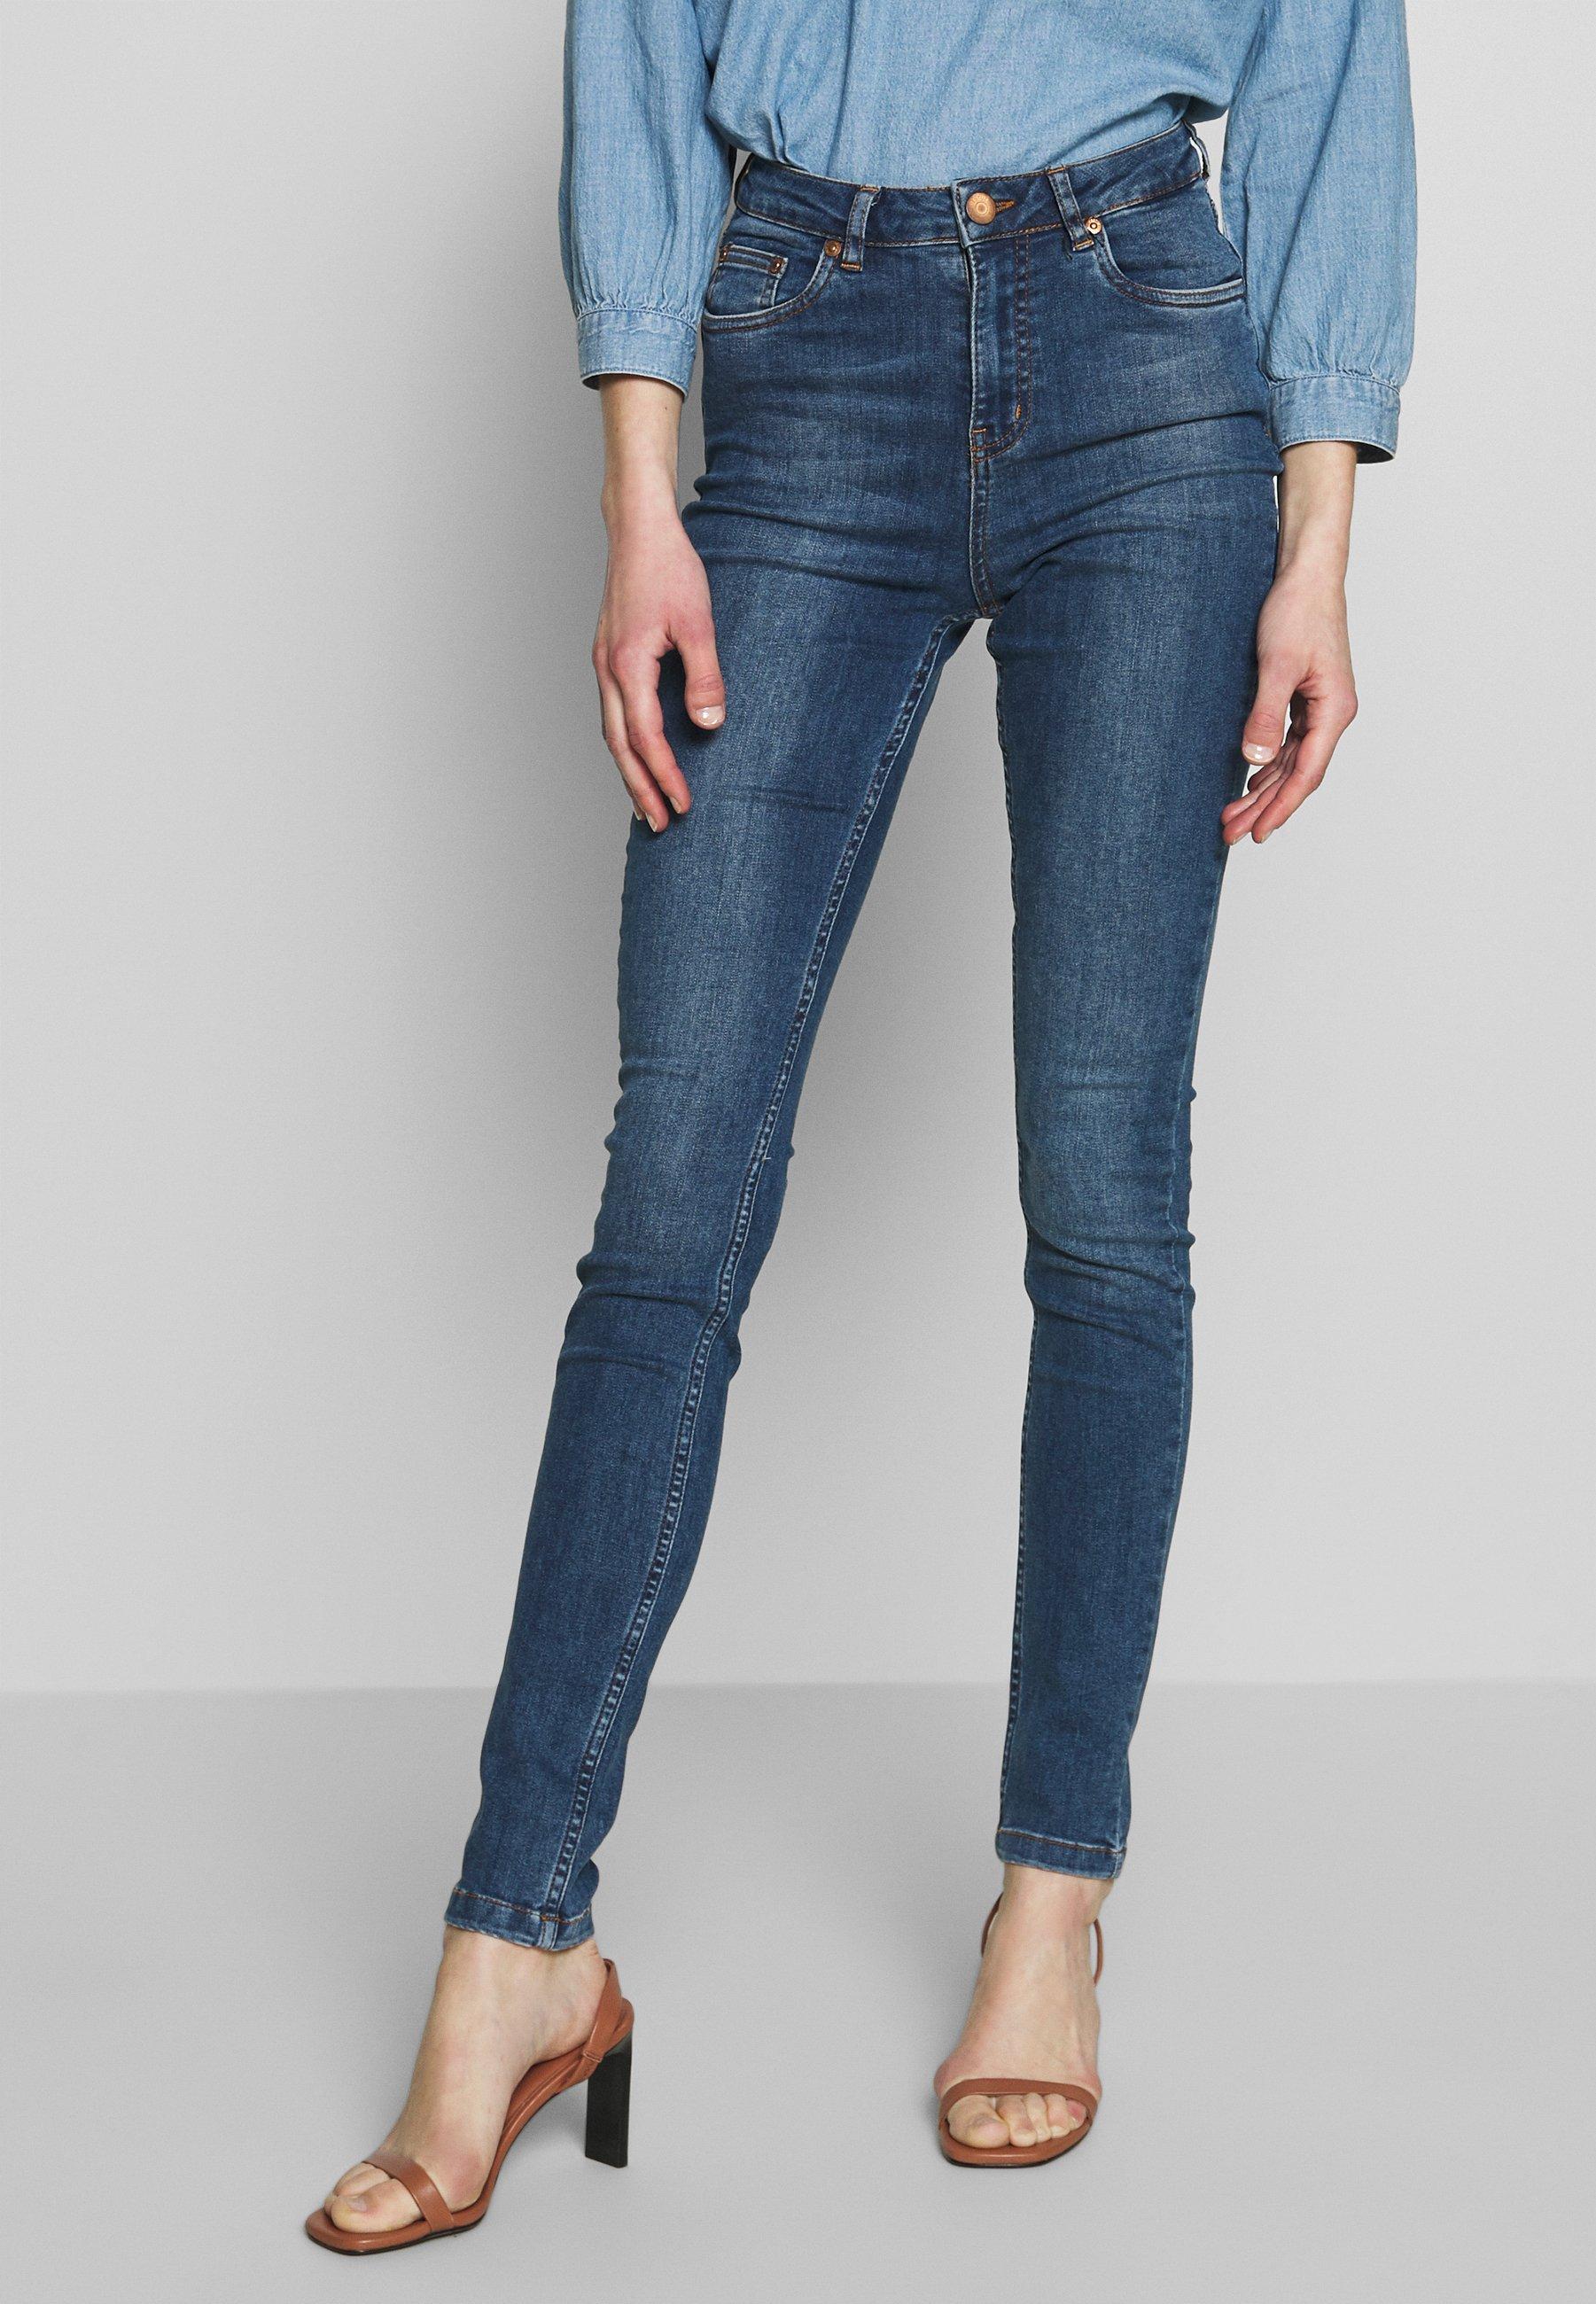 Women Jeans Skinny Fit - blue